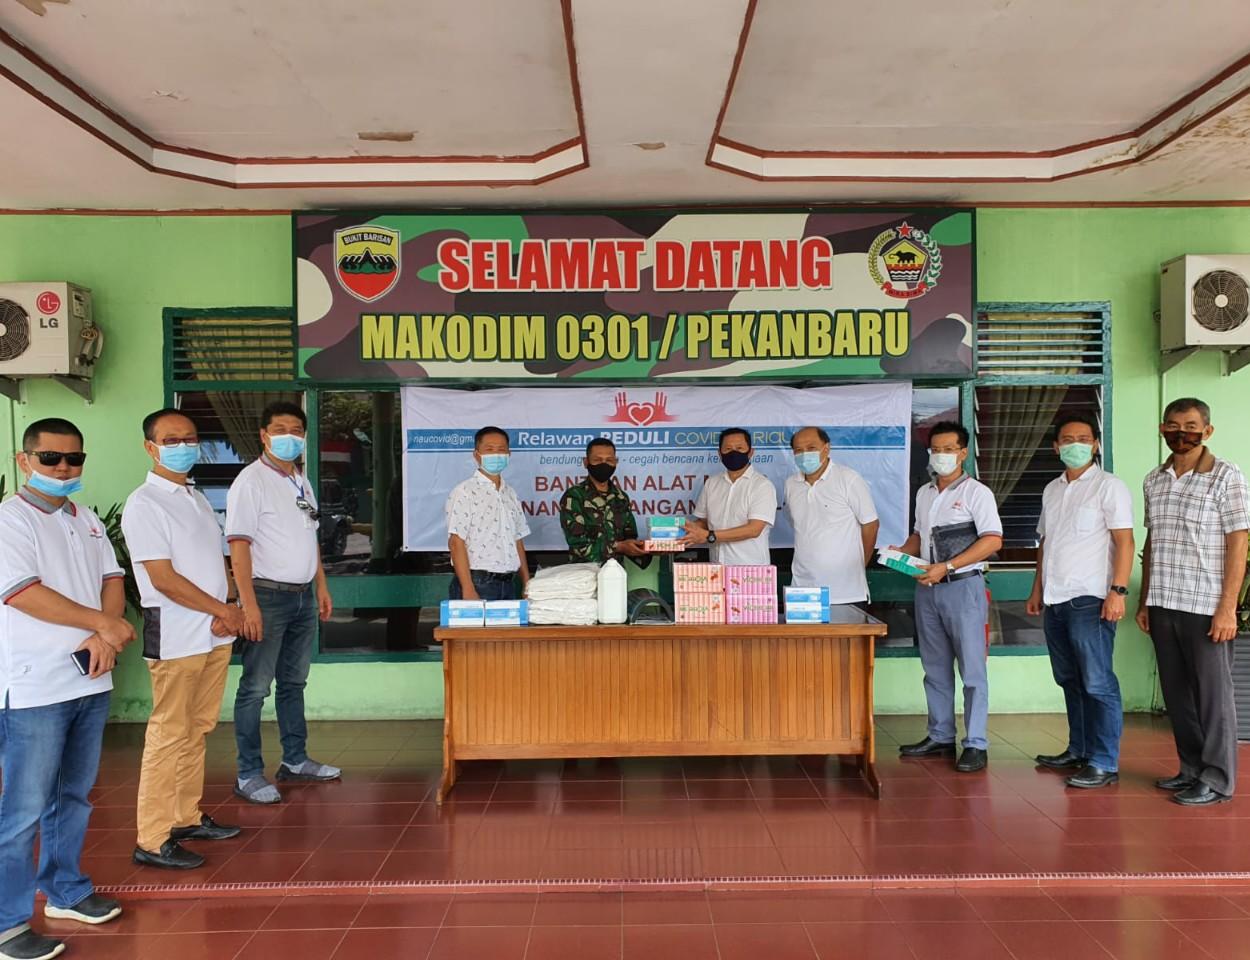 Relawan Peduli Covid-19 Riau Serahkan Alkes ke Dandim 0301 Pekanbaru